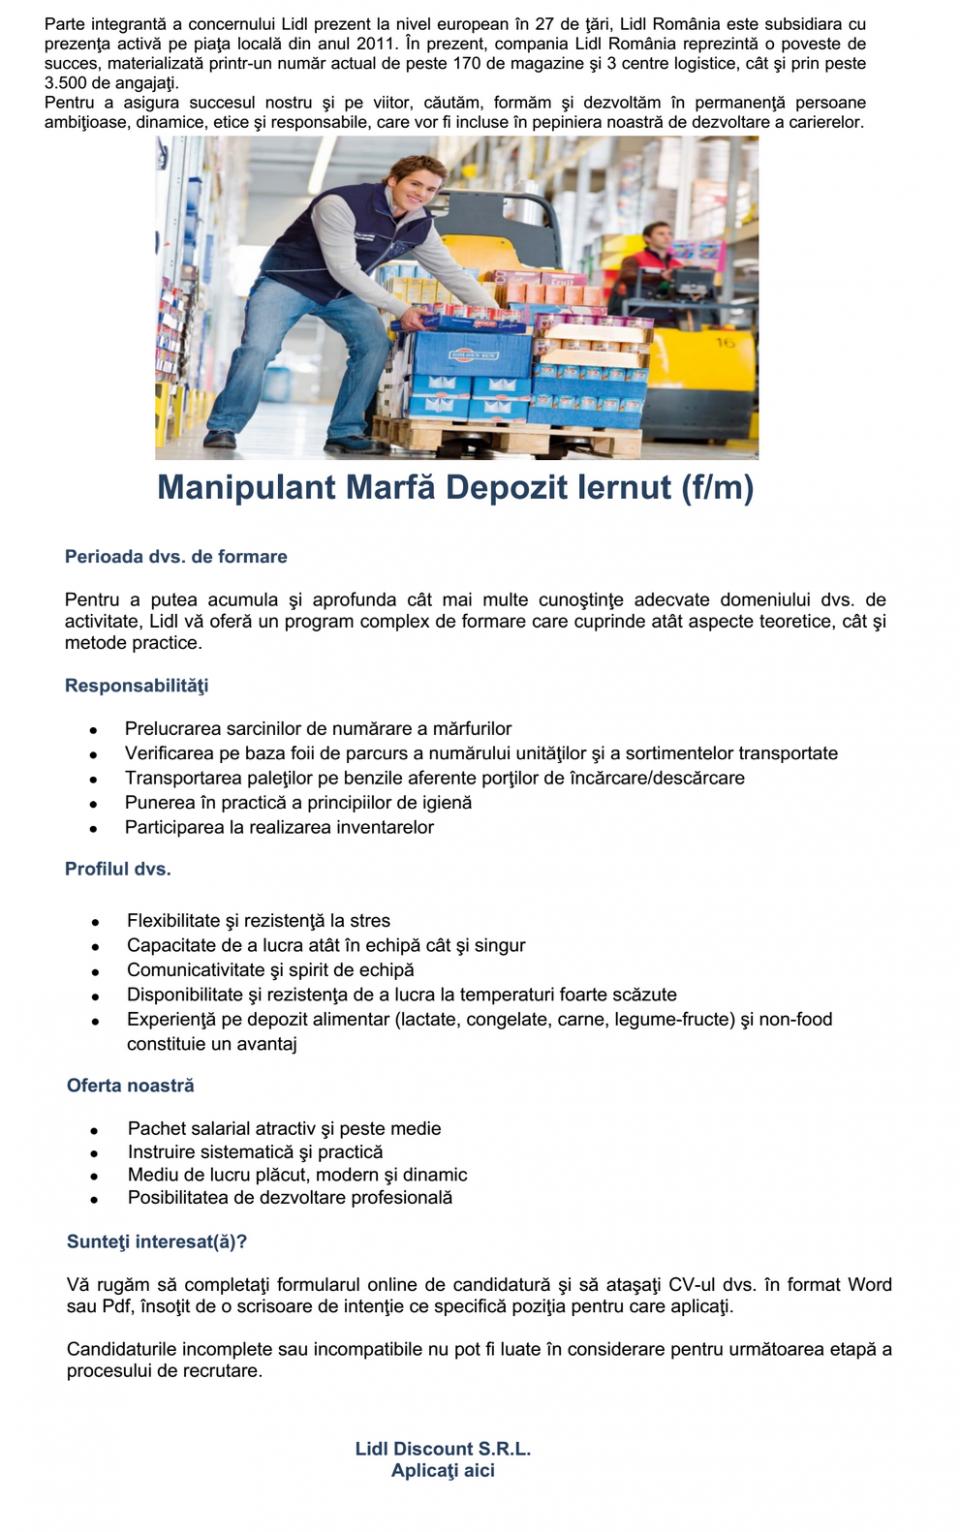 Manipulant Marfă Depozit Iernut (f/m)